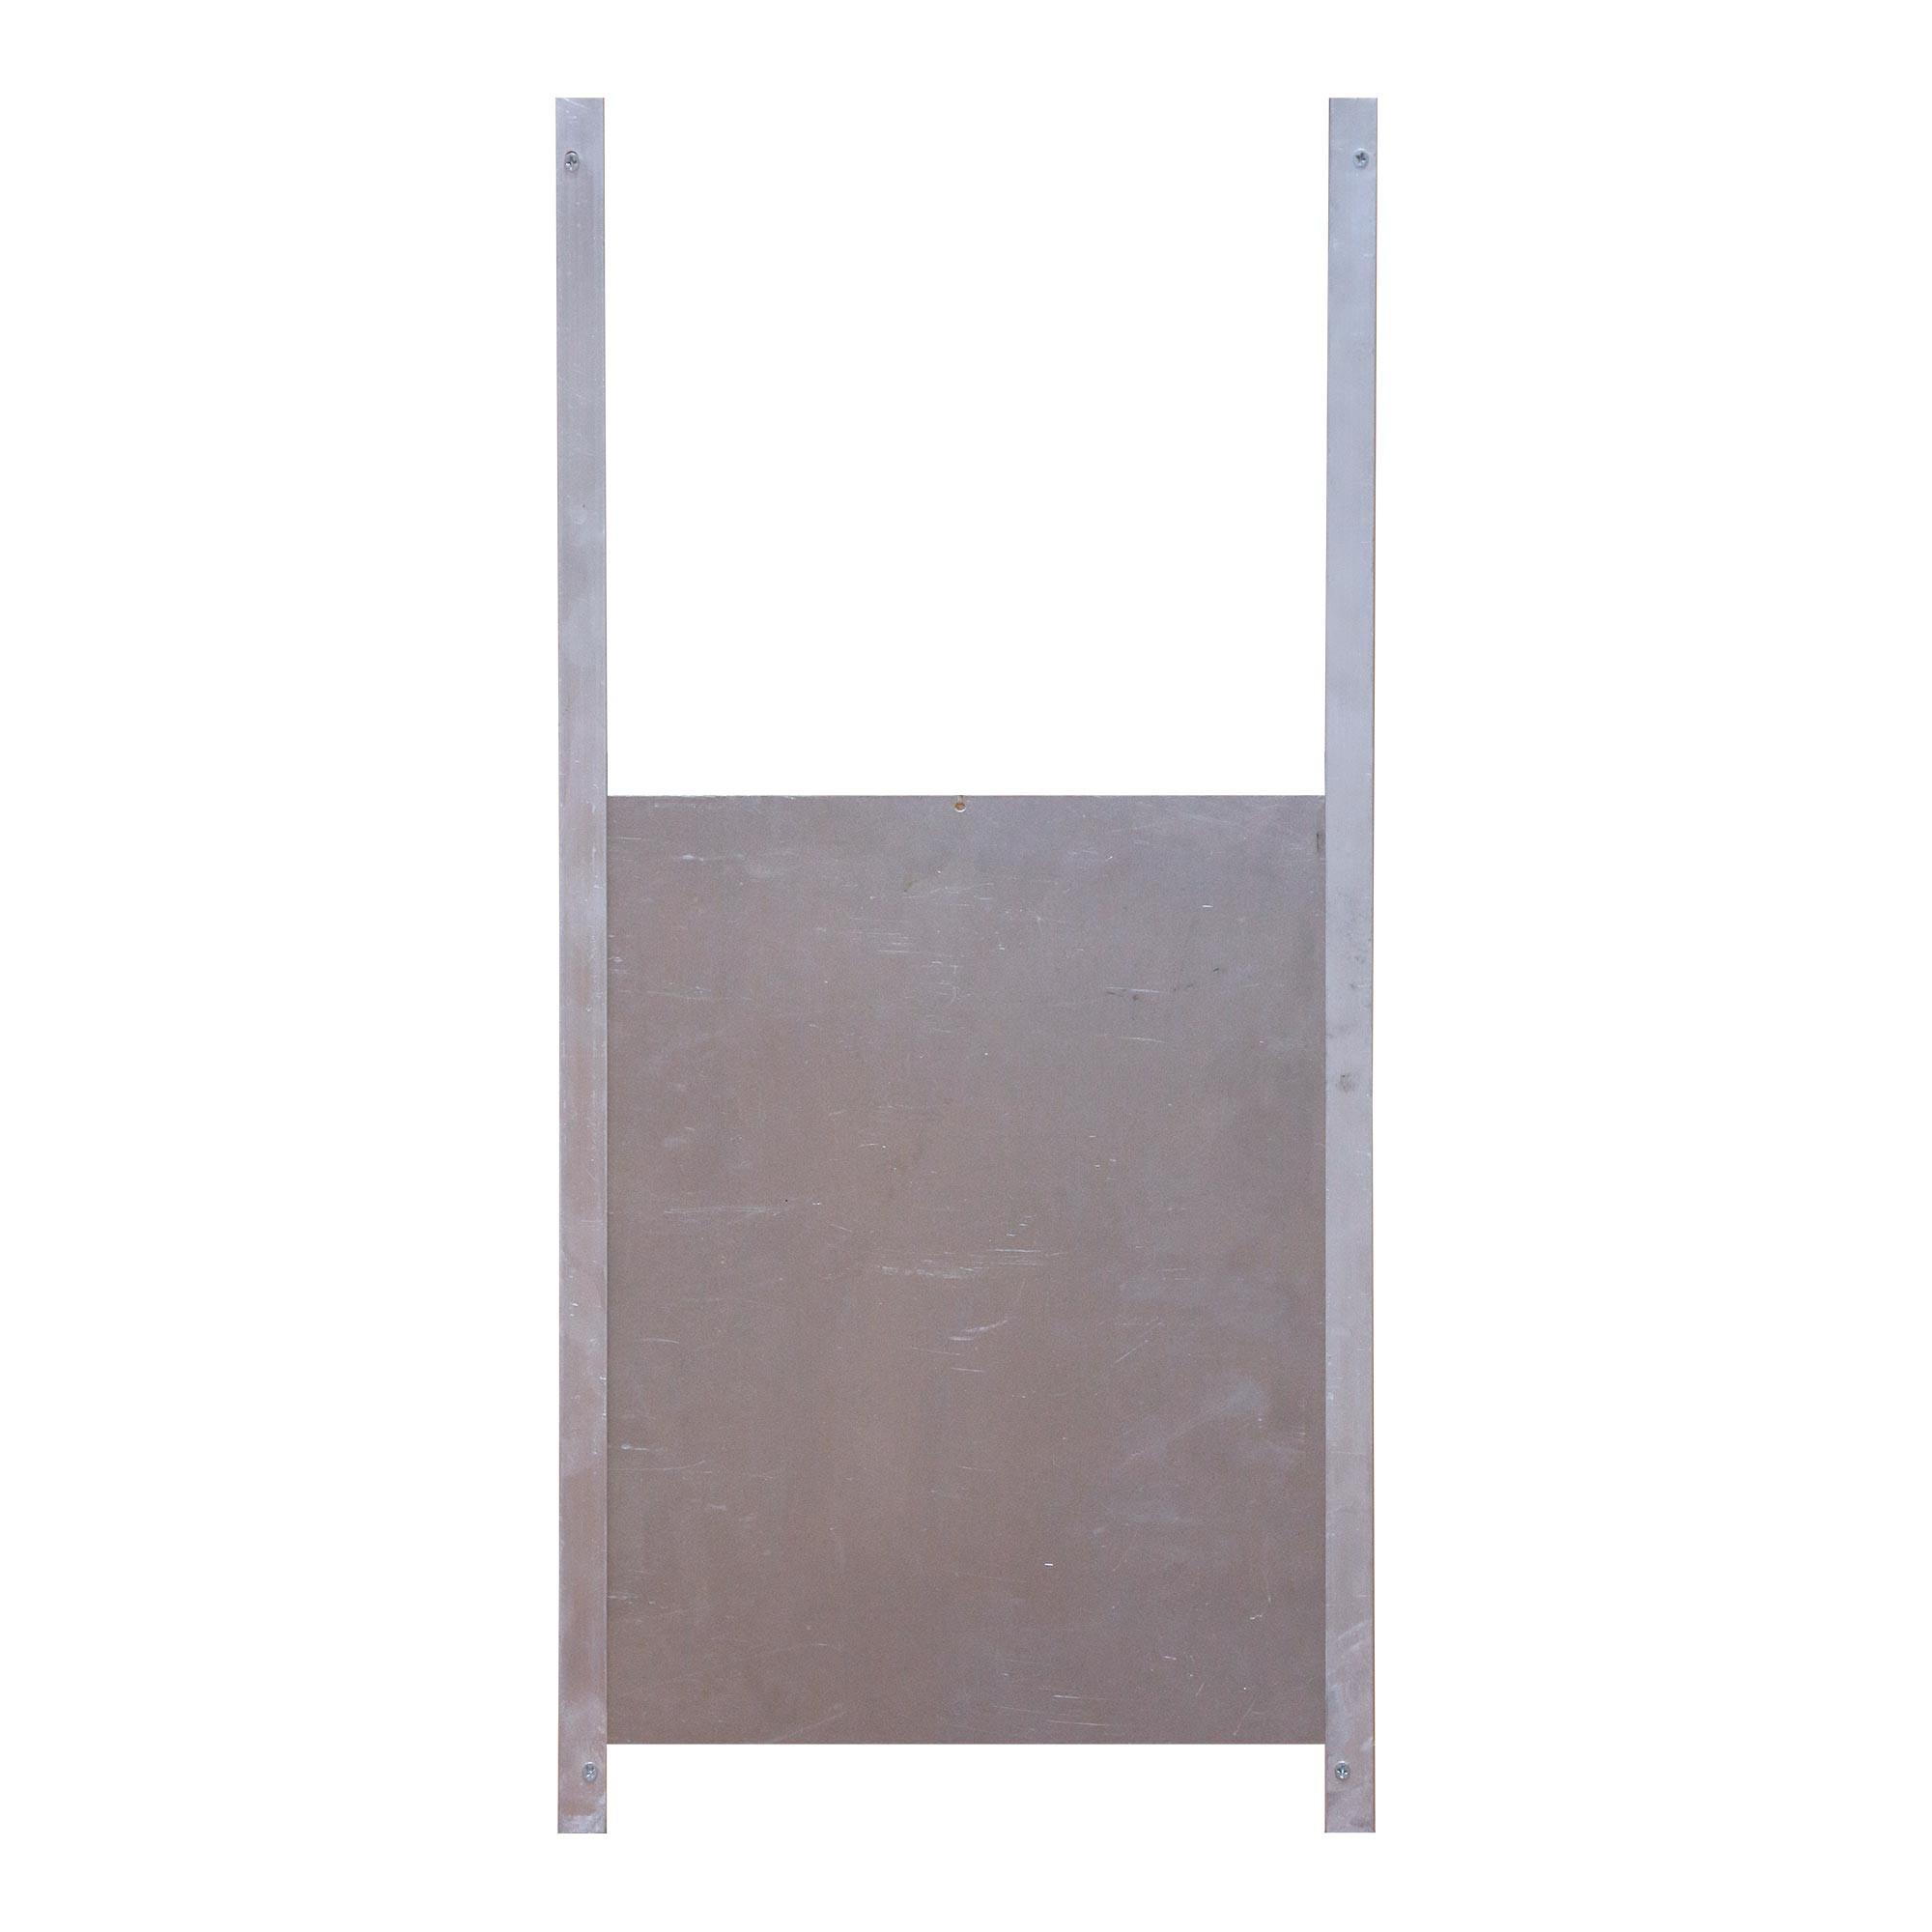 Taille porte poulailler amazing poulaillers en bois ferme de beaumont with porte poulailler for Taille porte